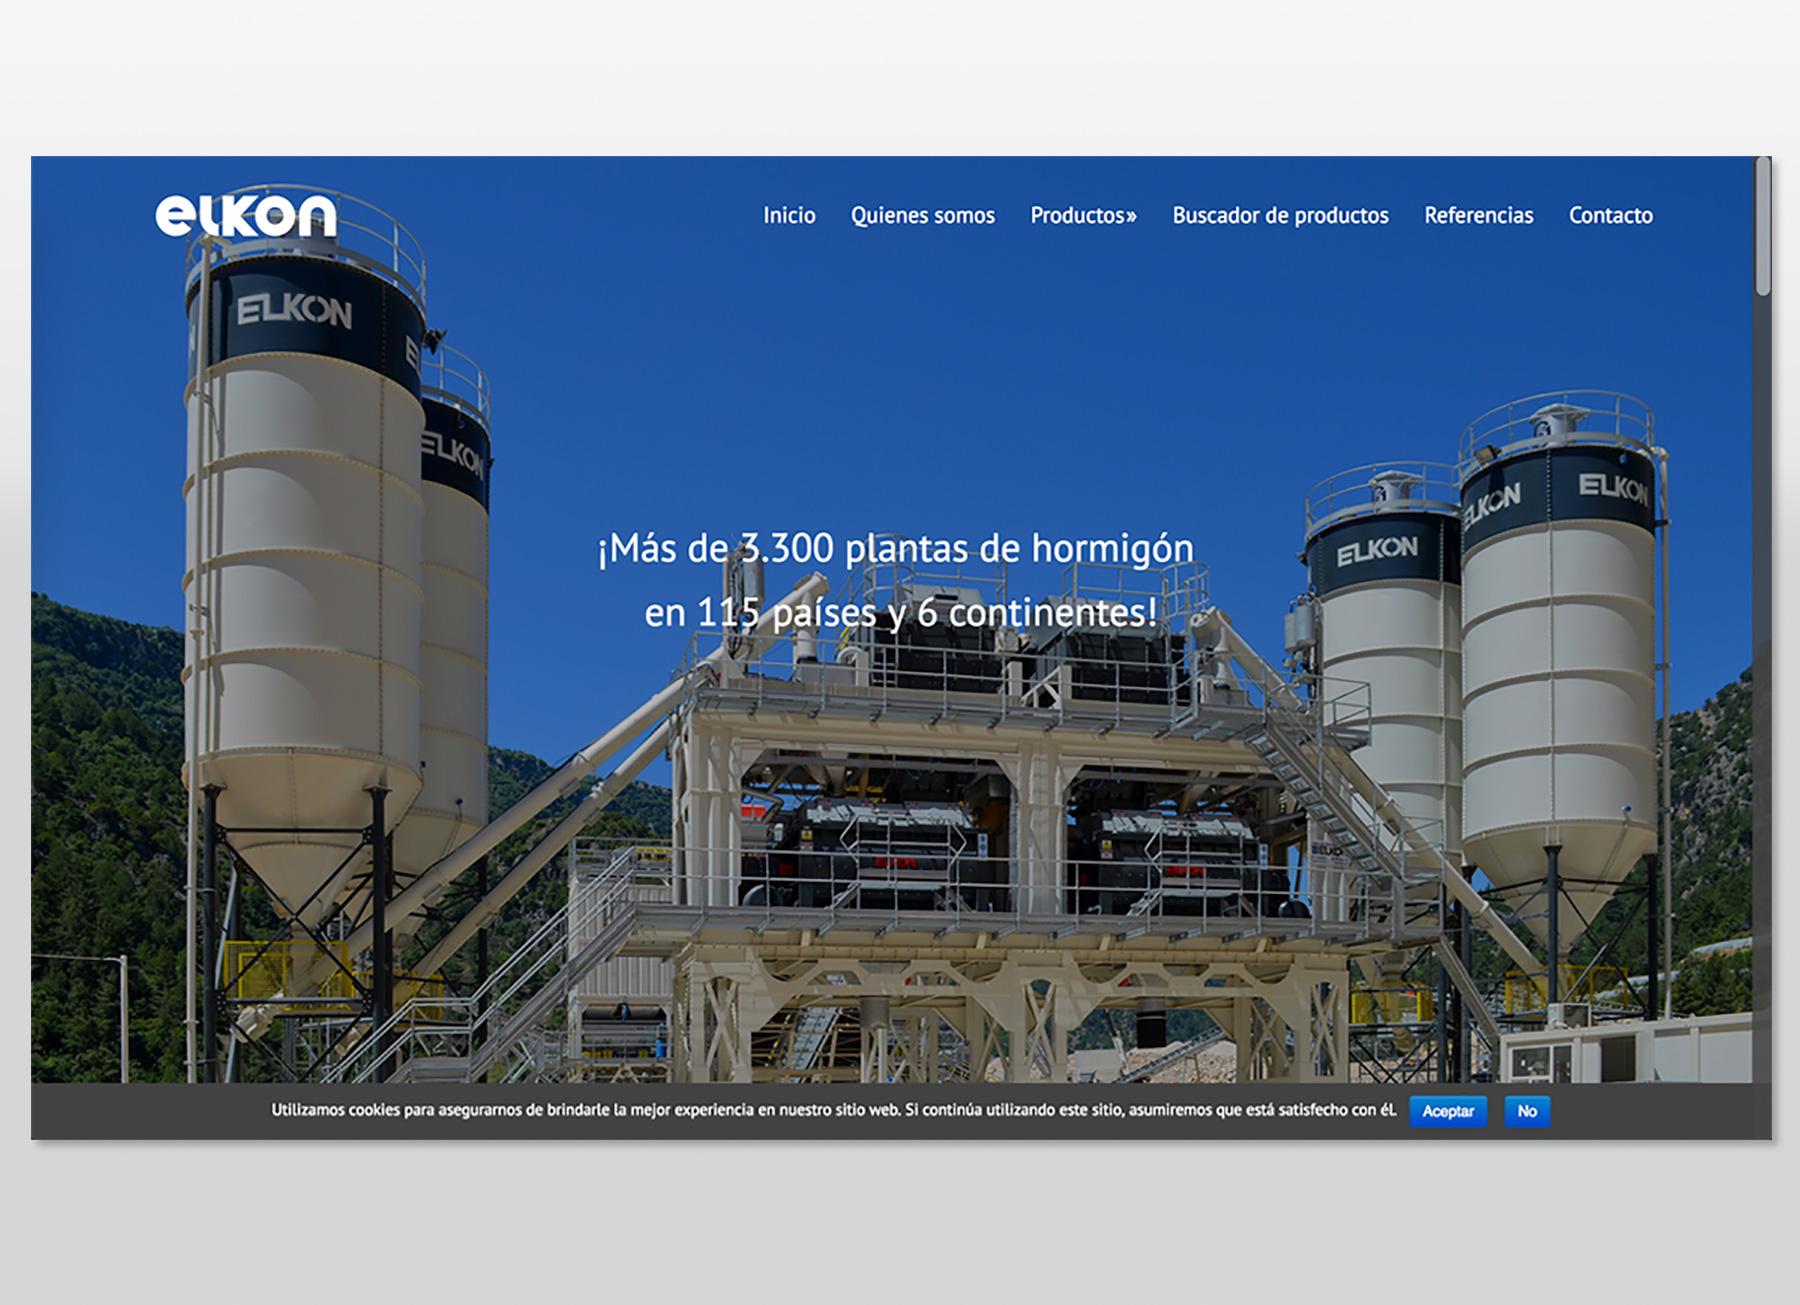 Elkon Plantas de Hormigón Website